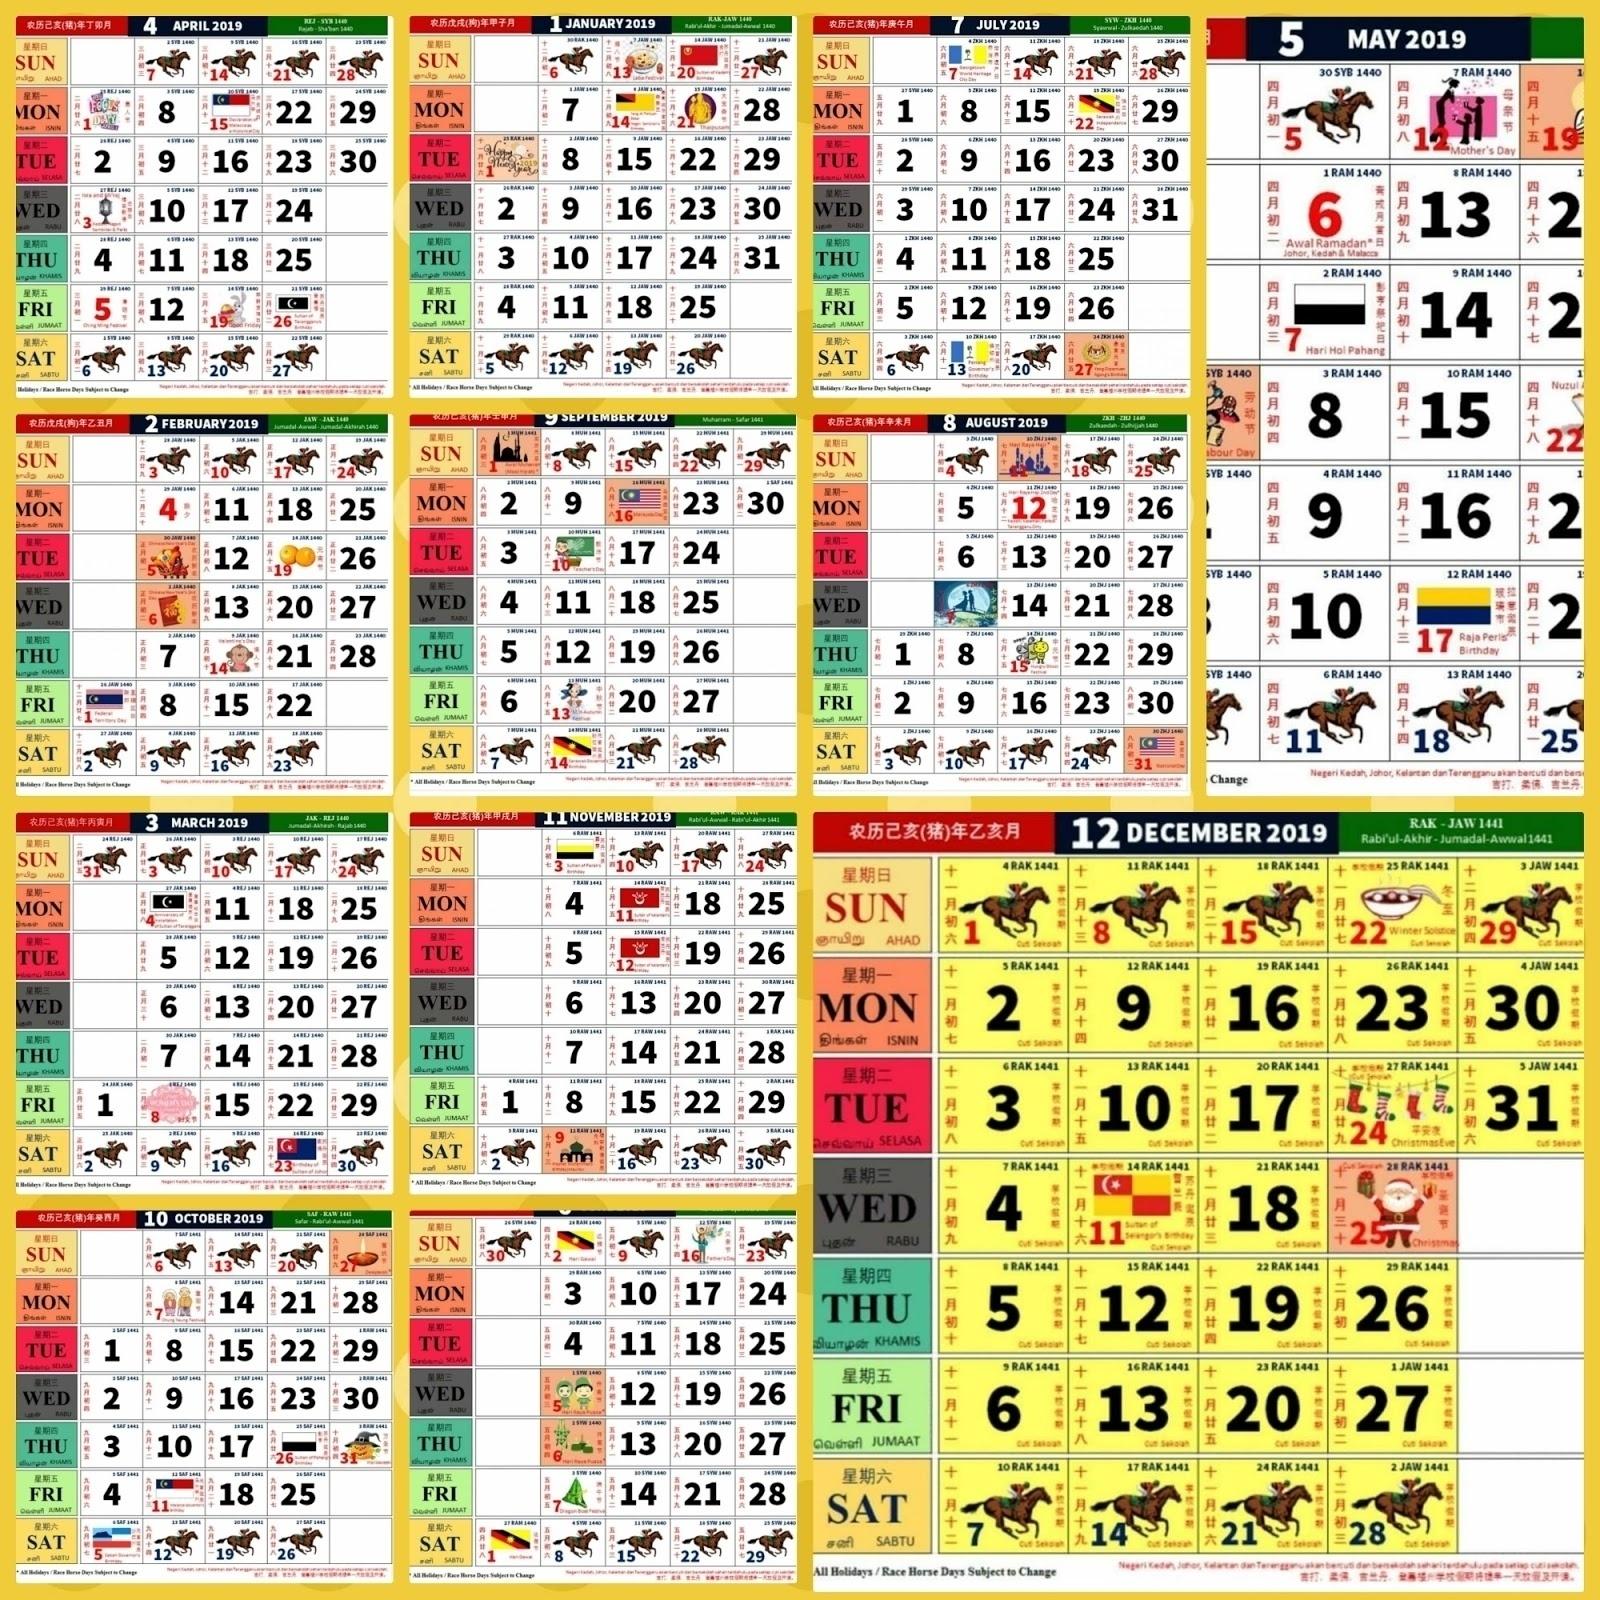 Kalendar Kuda April 2020 | Calendar Template Information inside Kalendar Kuda Tahun 2020